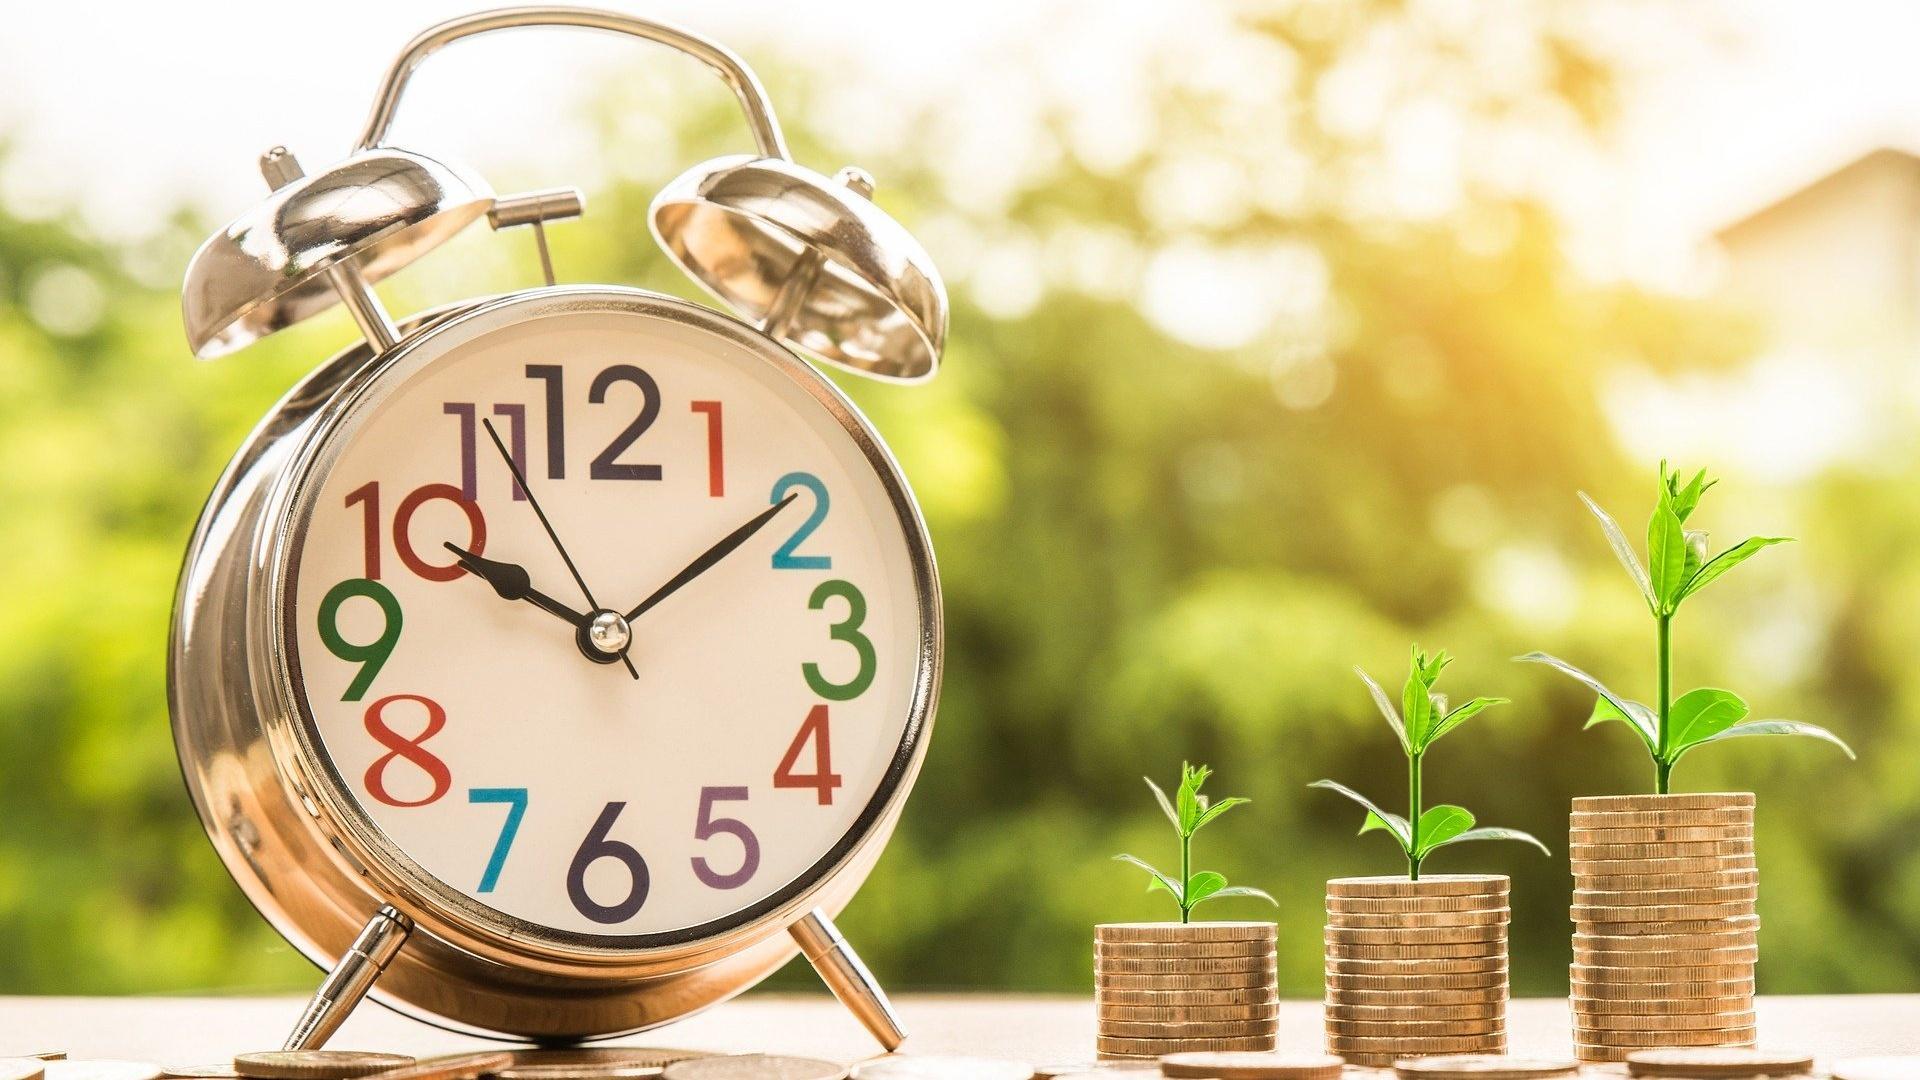 Vermögen aufbauen mit wenig Geld: Die 5 besten Tipps